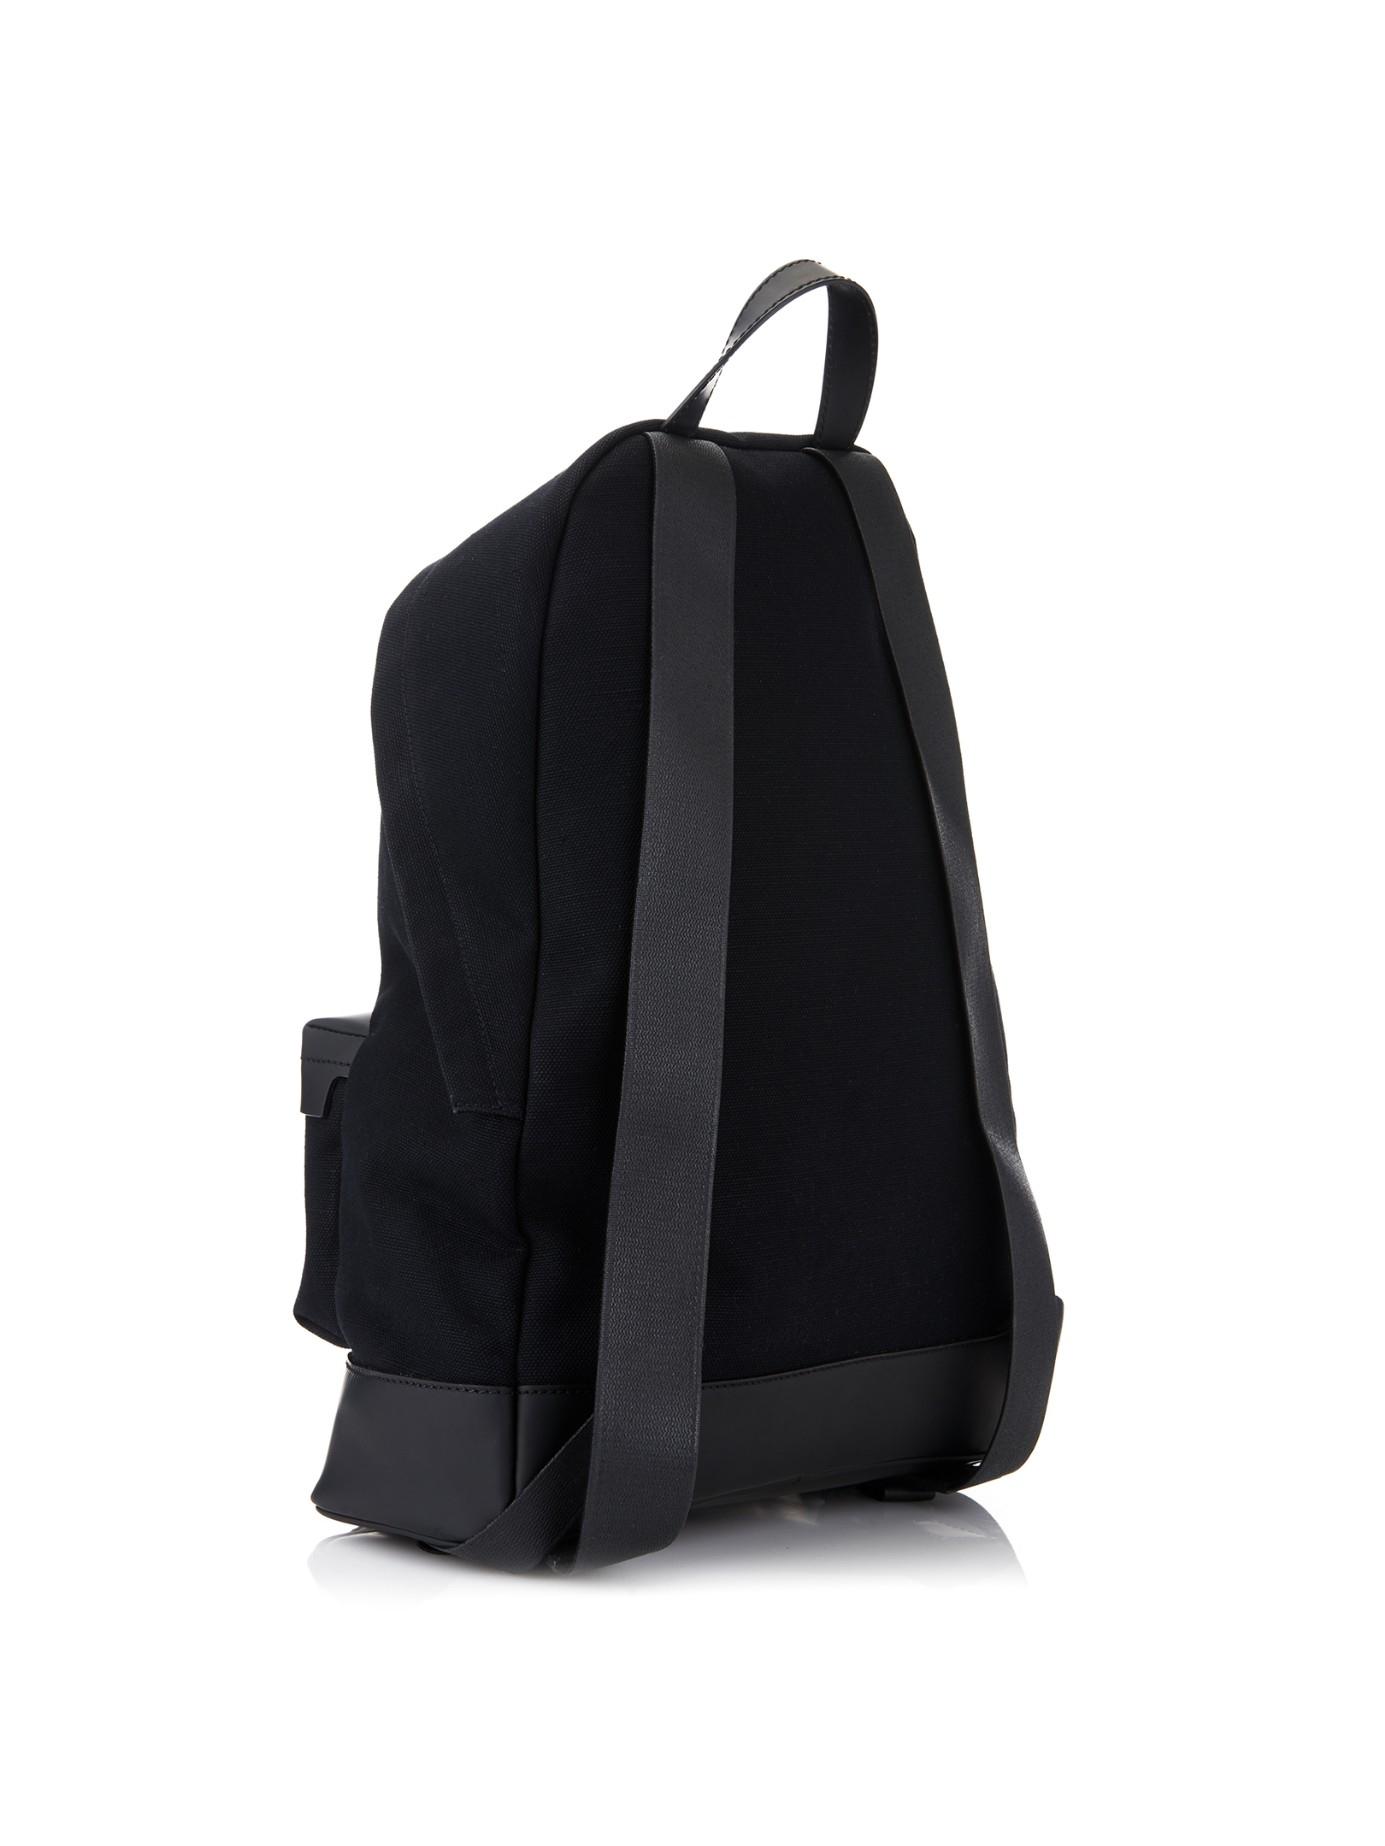 55f6885b4f1a GG Supreme backpack - Gucci Men s Backpacks 406370KLQAX9772